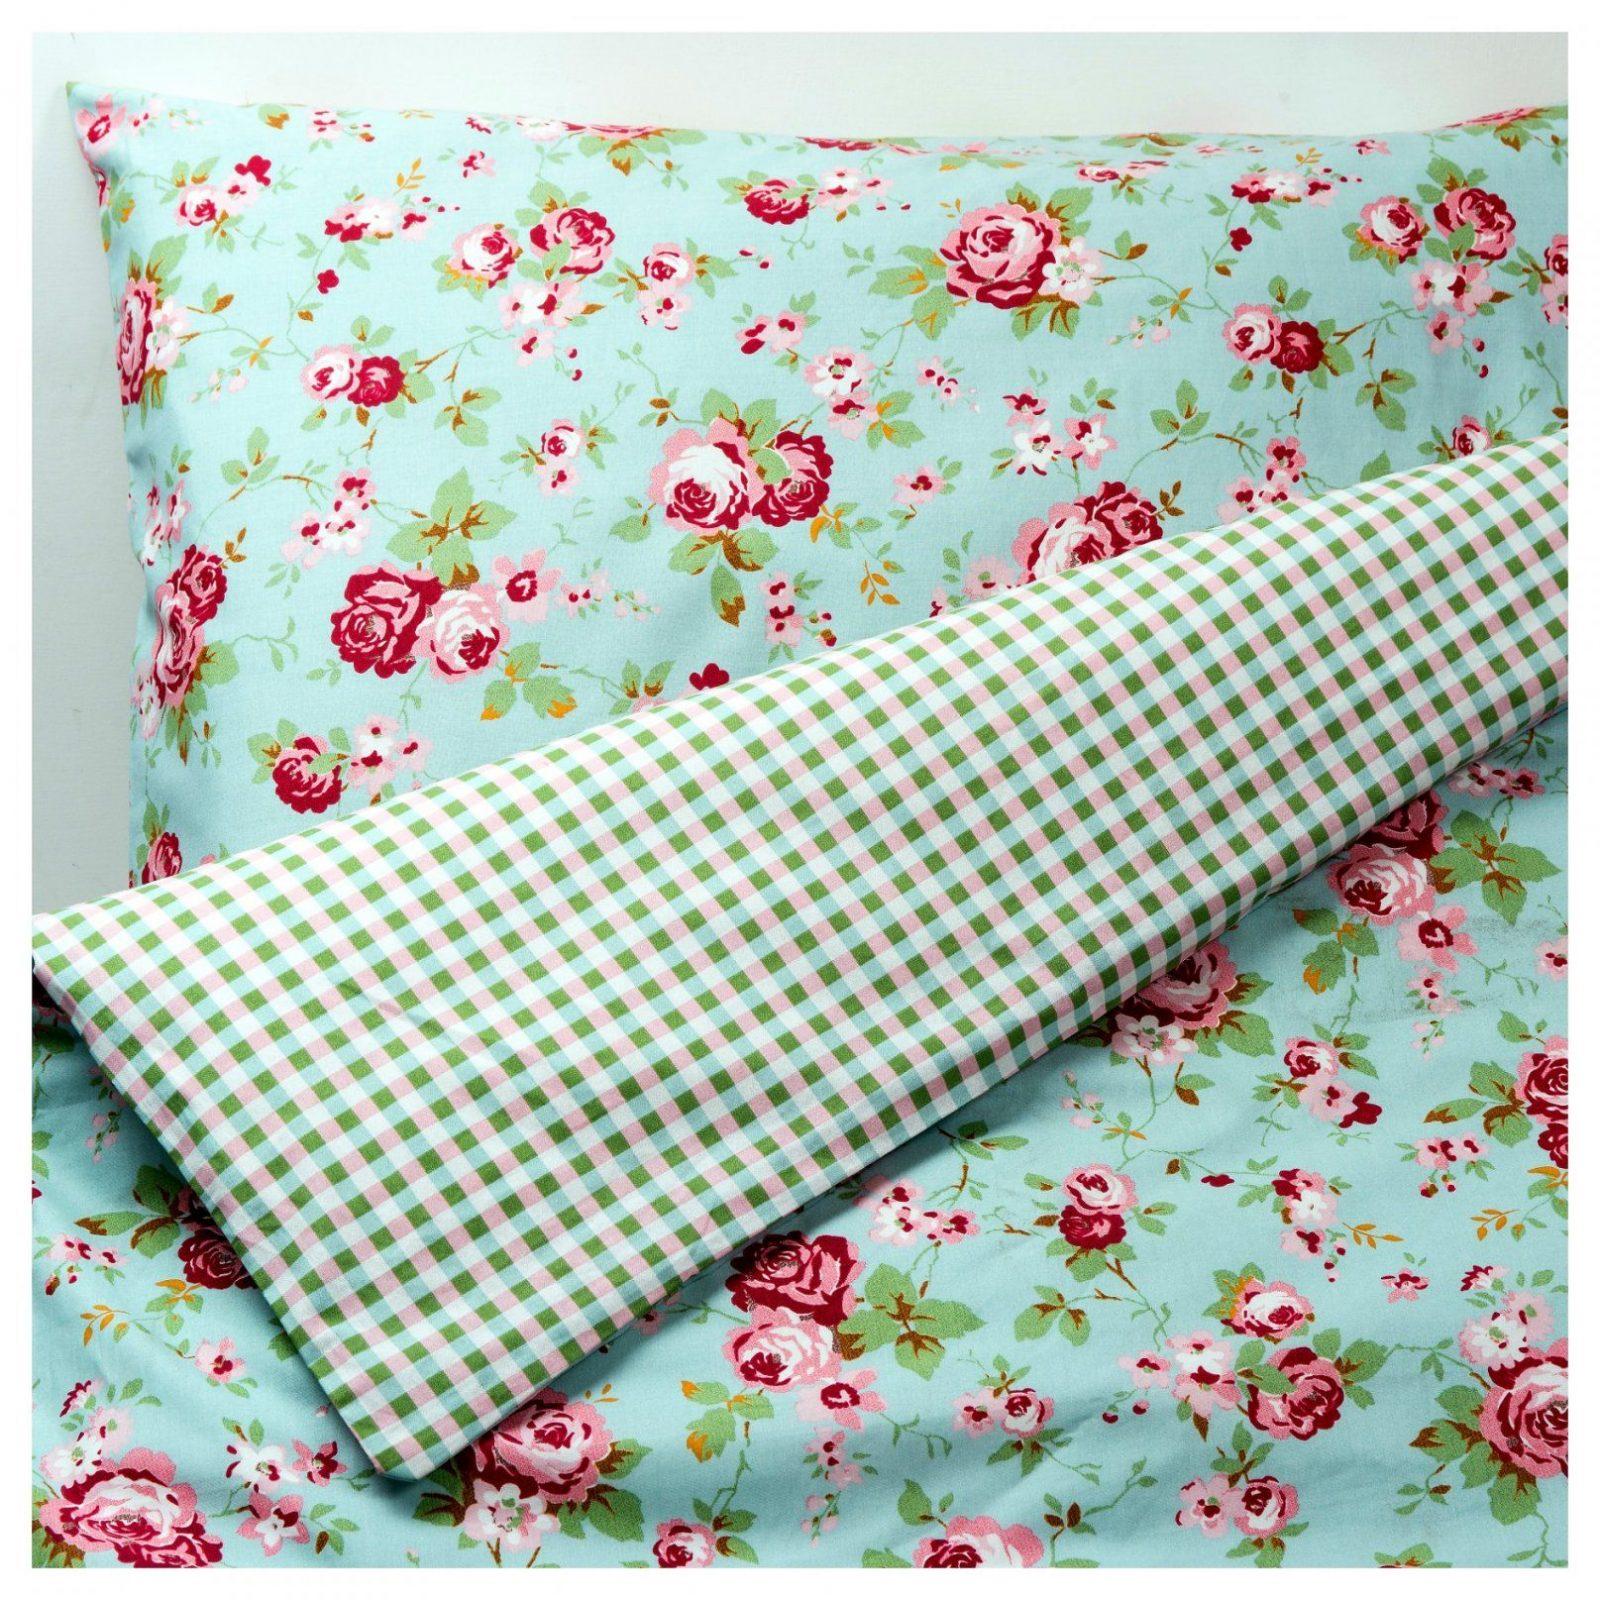 Schön Bettwäsche Günstig Online Kaufen Ikea Für Kinderbettwäsche von Biber Bettwäsche Ikea Photo